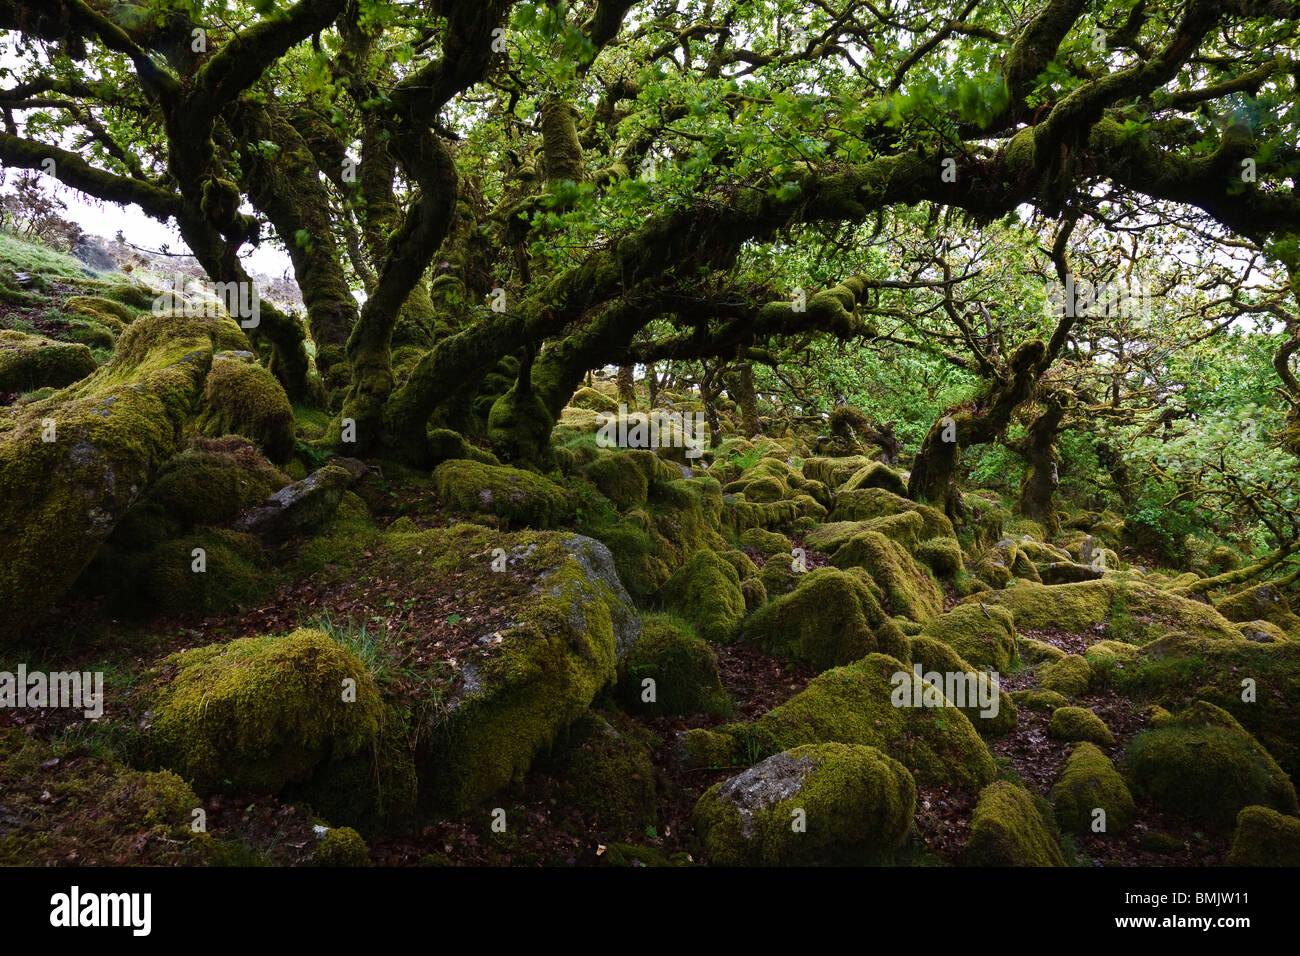 Vieux chênes dans Wistmans Wood, Dartmoor National Park, Devon, Angleterre Banque D'Images